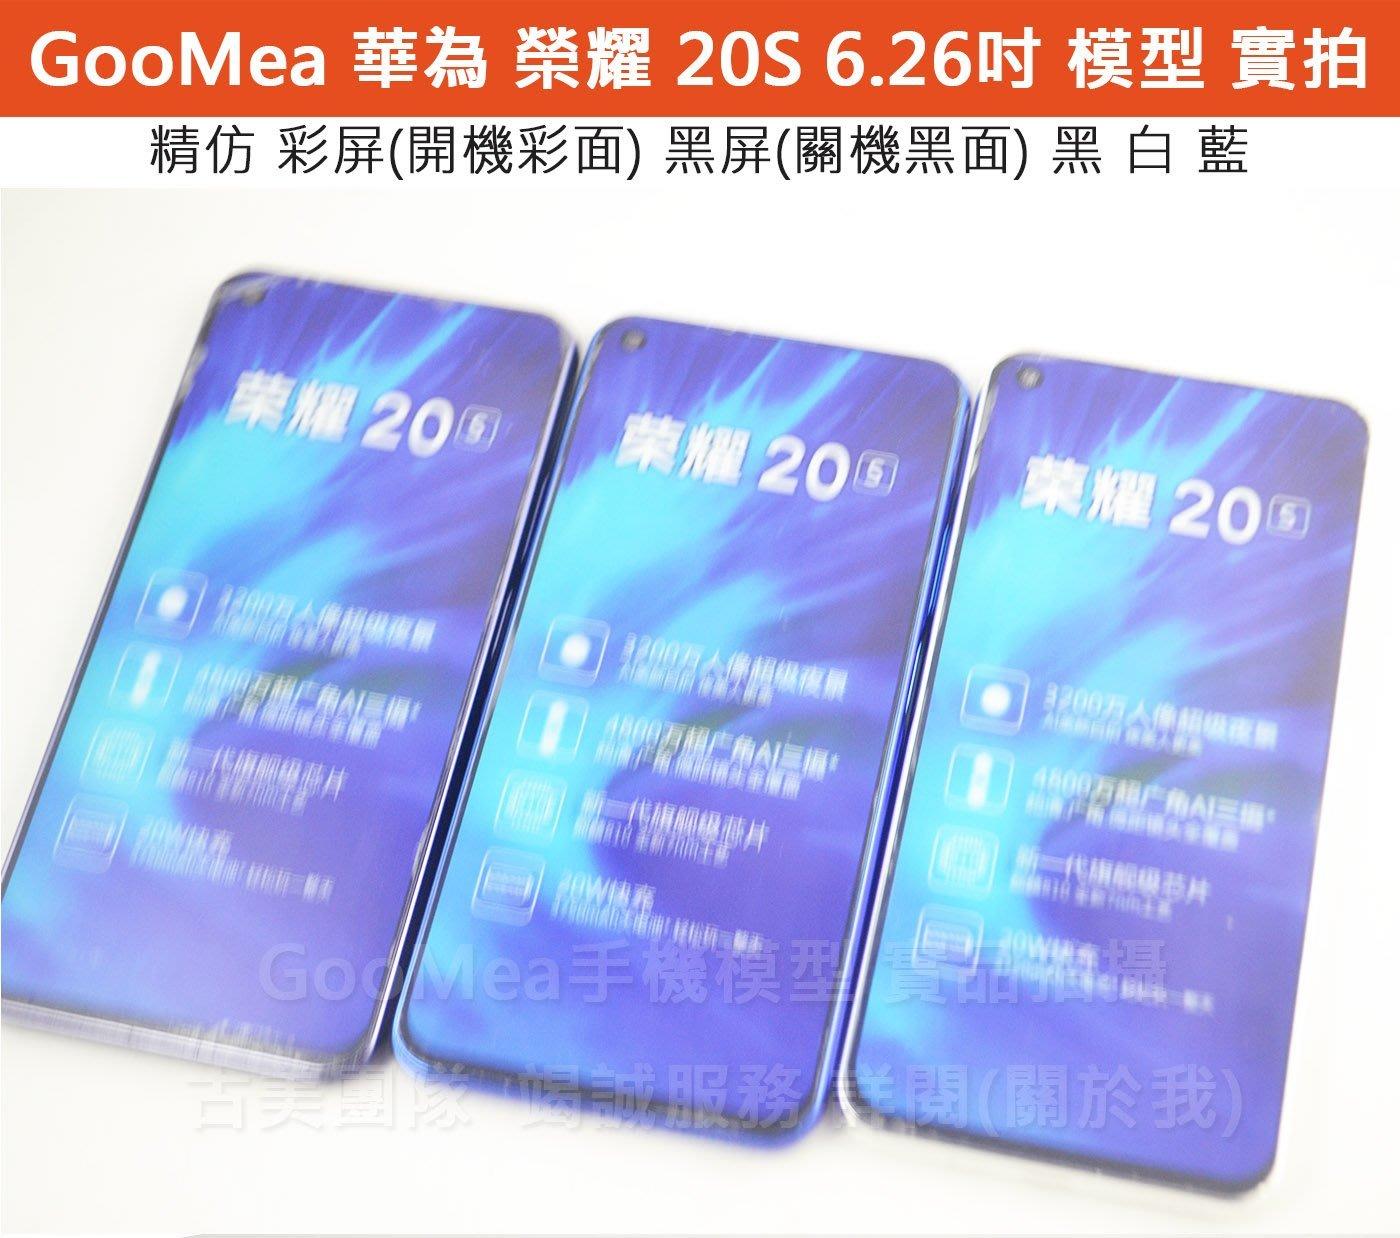 GooMea模型精仿 Huawei華為榮耀20S 6.26吋展示Dummy樣品包膜假機道具沒收玩具摔機拍戲